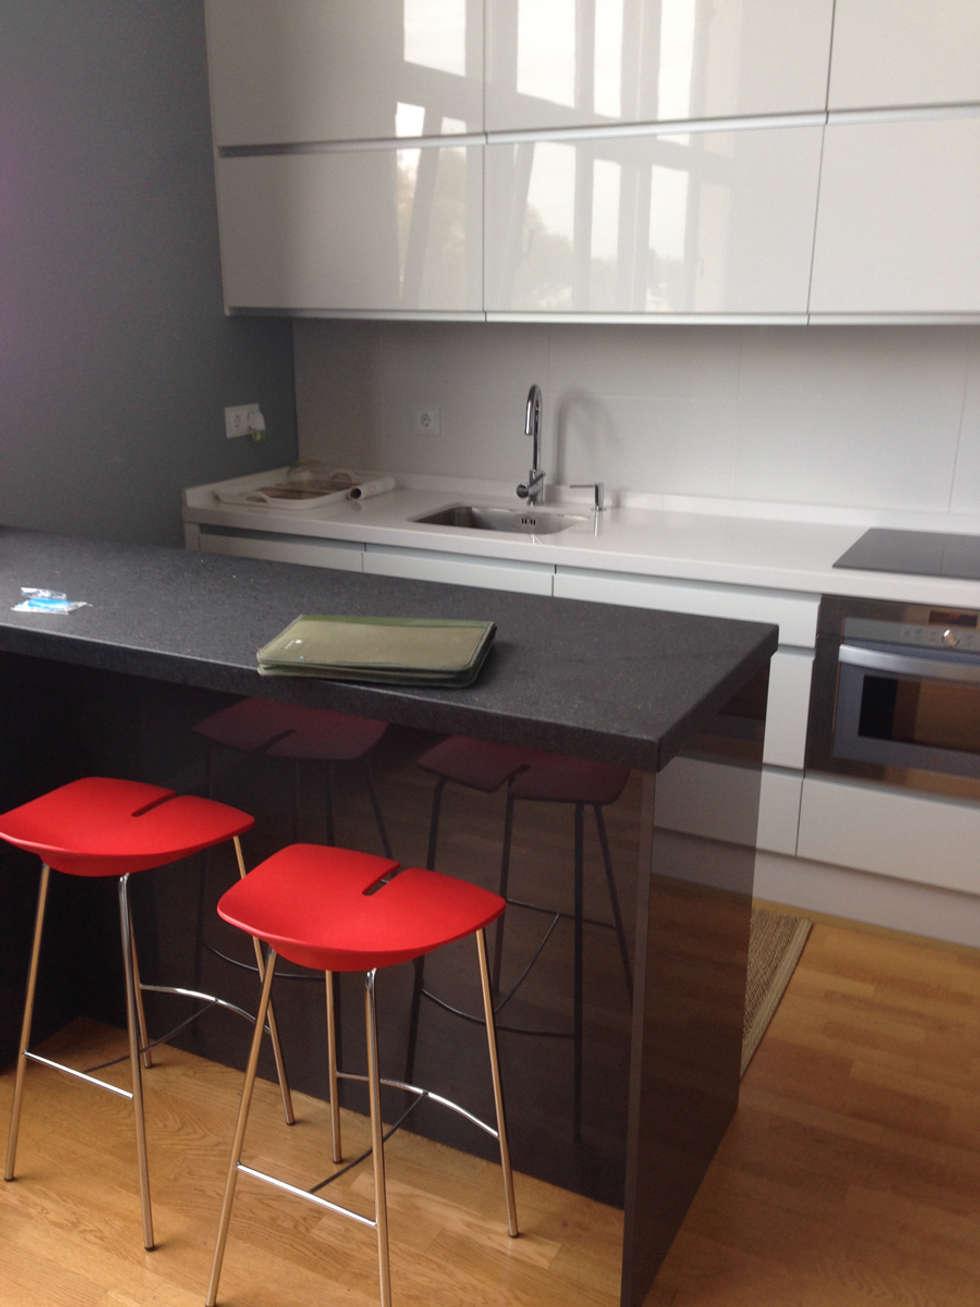 Fotos de cocinas de estilo moderno de azd dise o interior - Cocinas diseno moderno ...